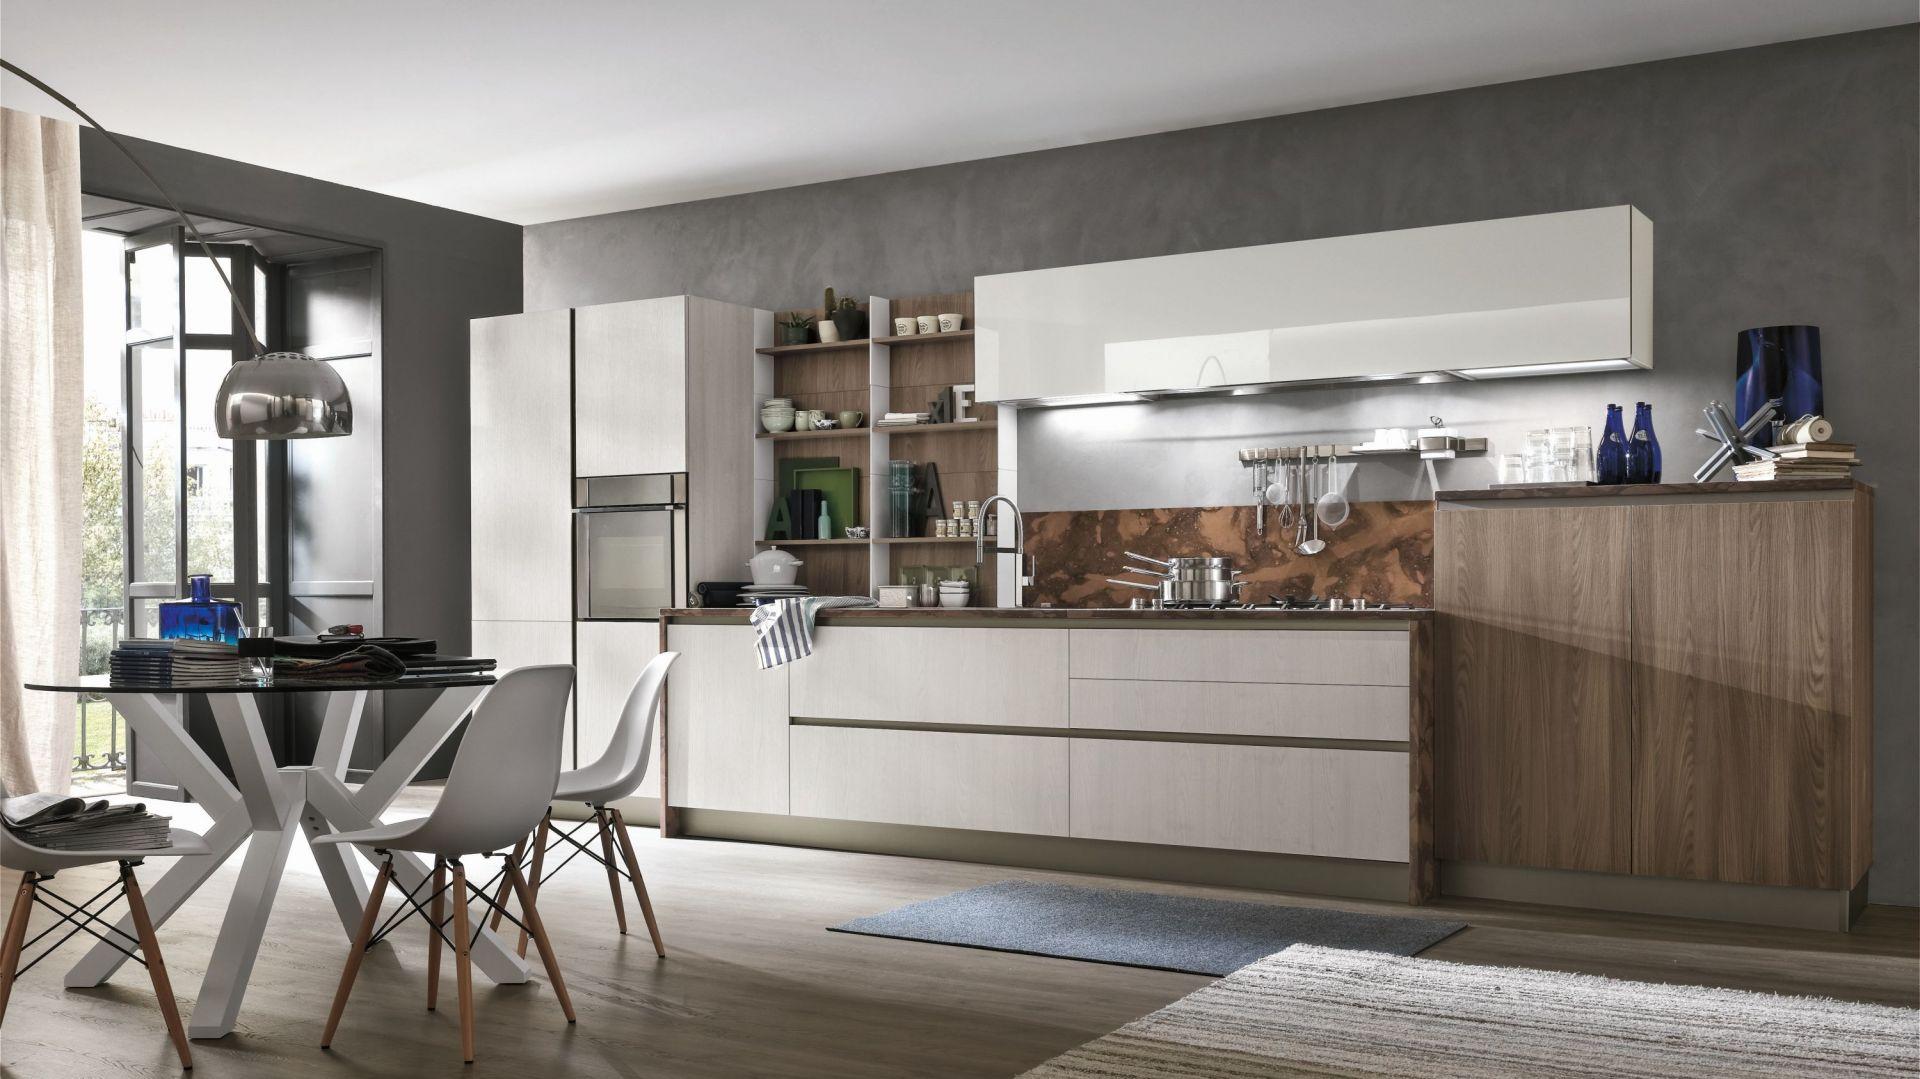 Meble w modnej kuchni. 10 pomysłów na urządzenie. fot. Stosa Cucine